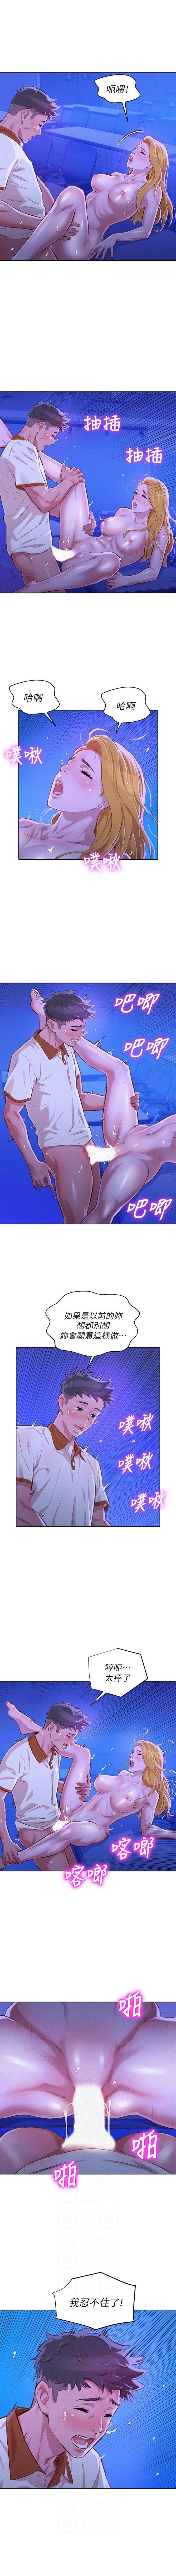 (周7)漂亮干姐姐  1-81 中文翻译 (更新中) 342